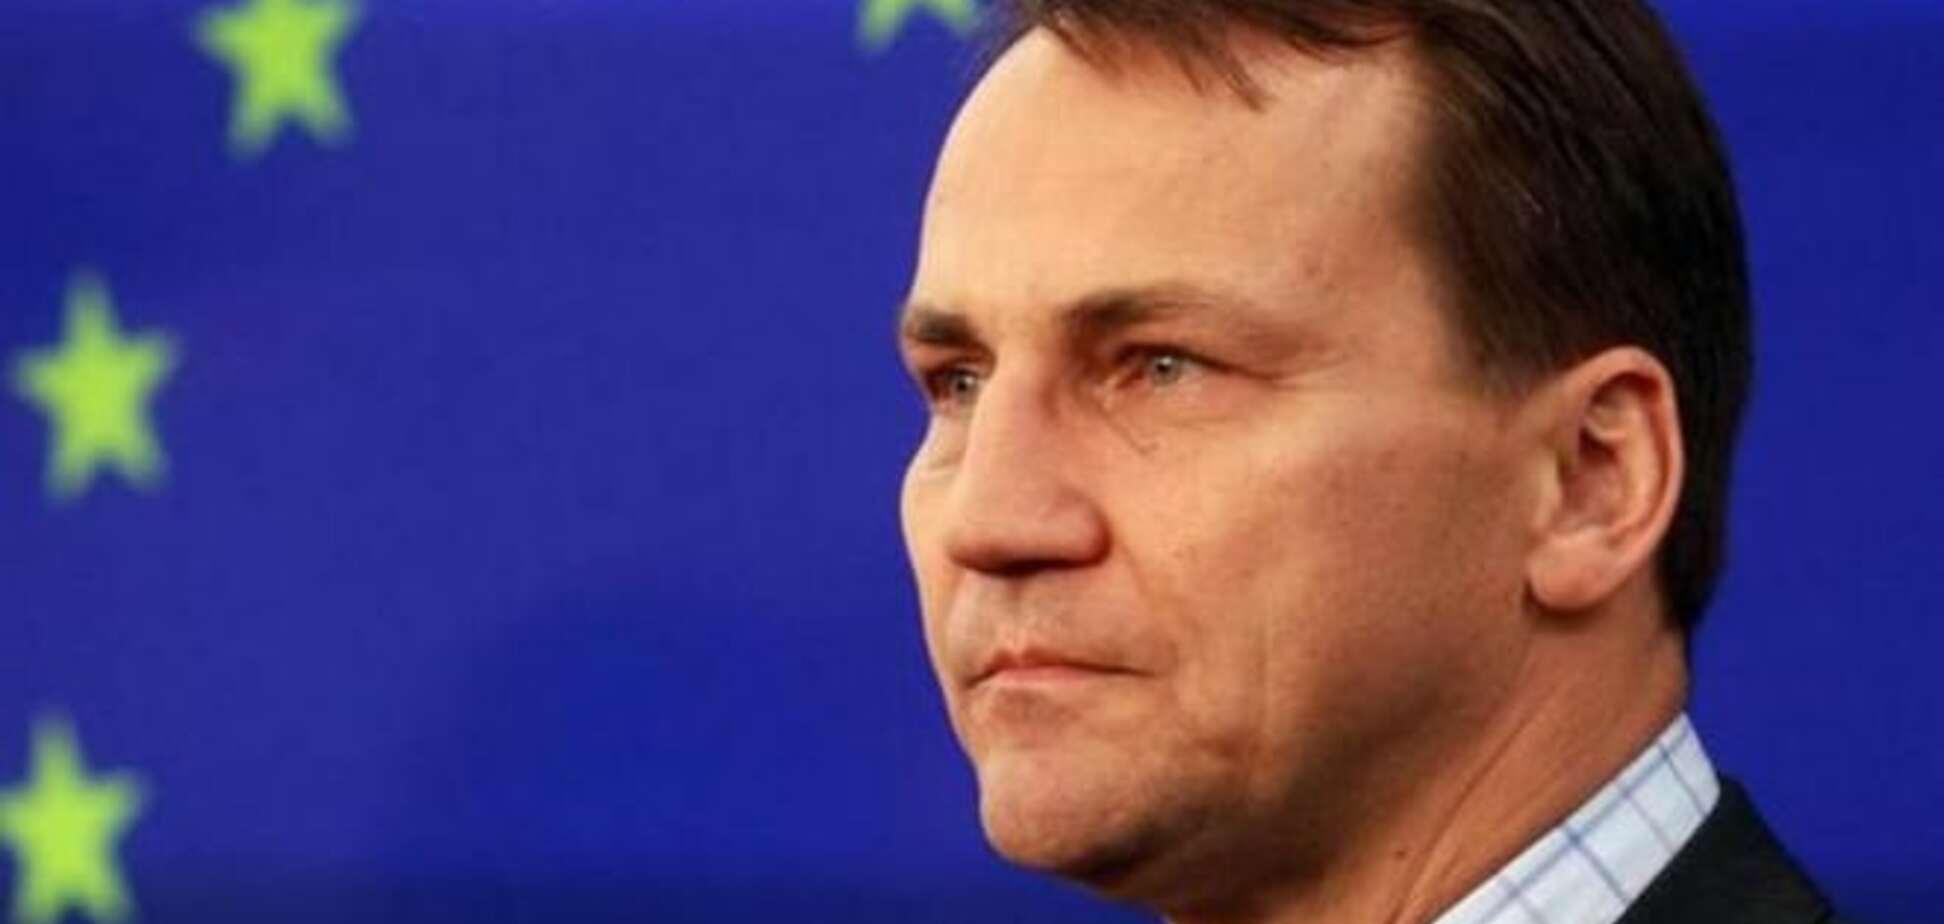 Минские соглашения отбросили ЕС на десятилетия назад - Сикорский